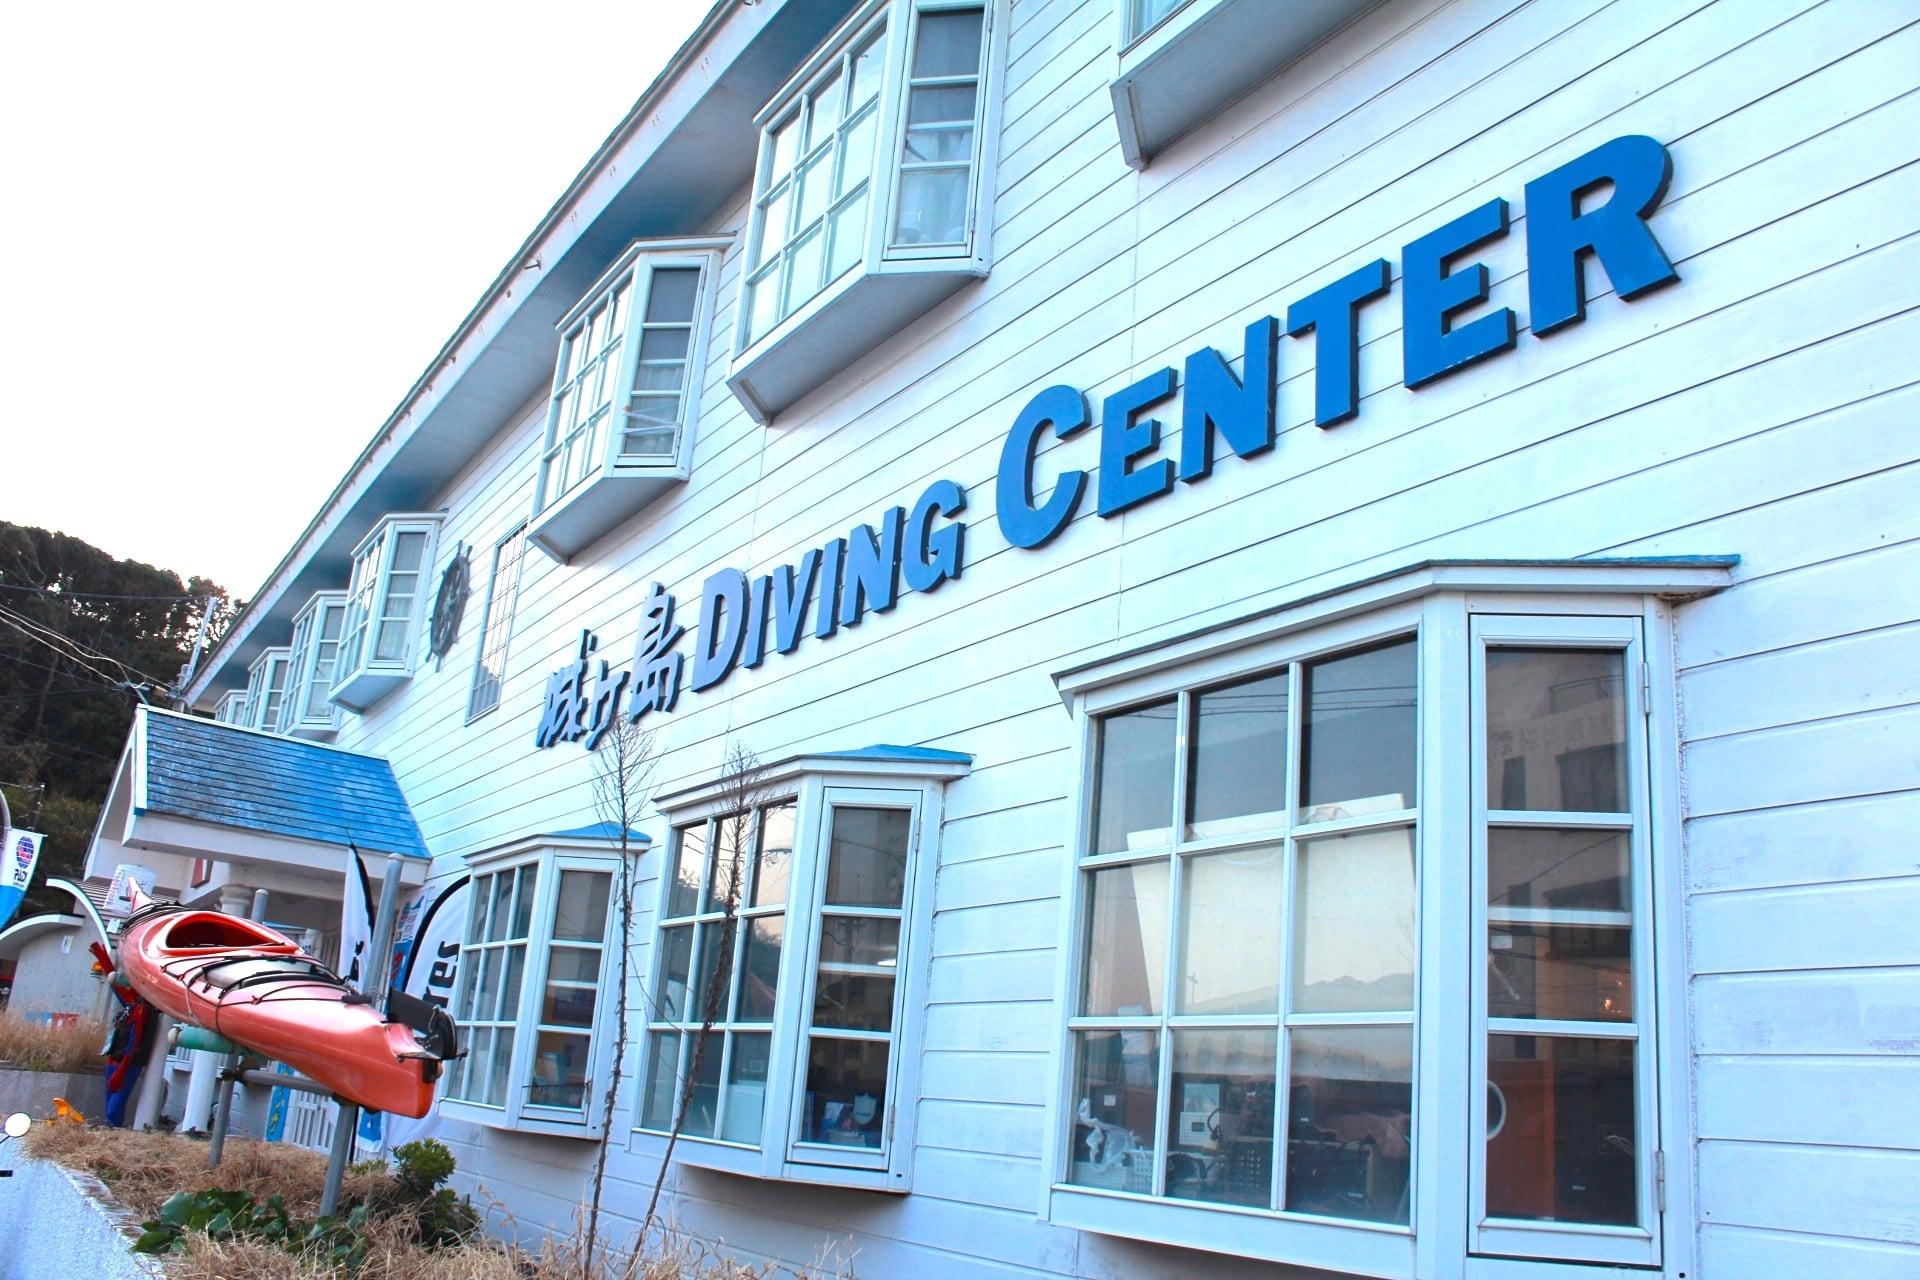 城ヶ島ダイビングセンター